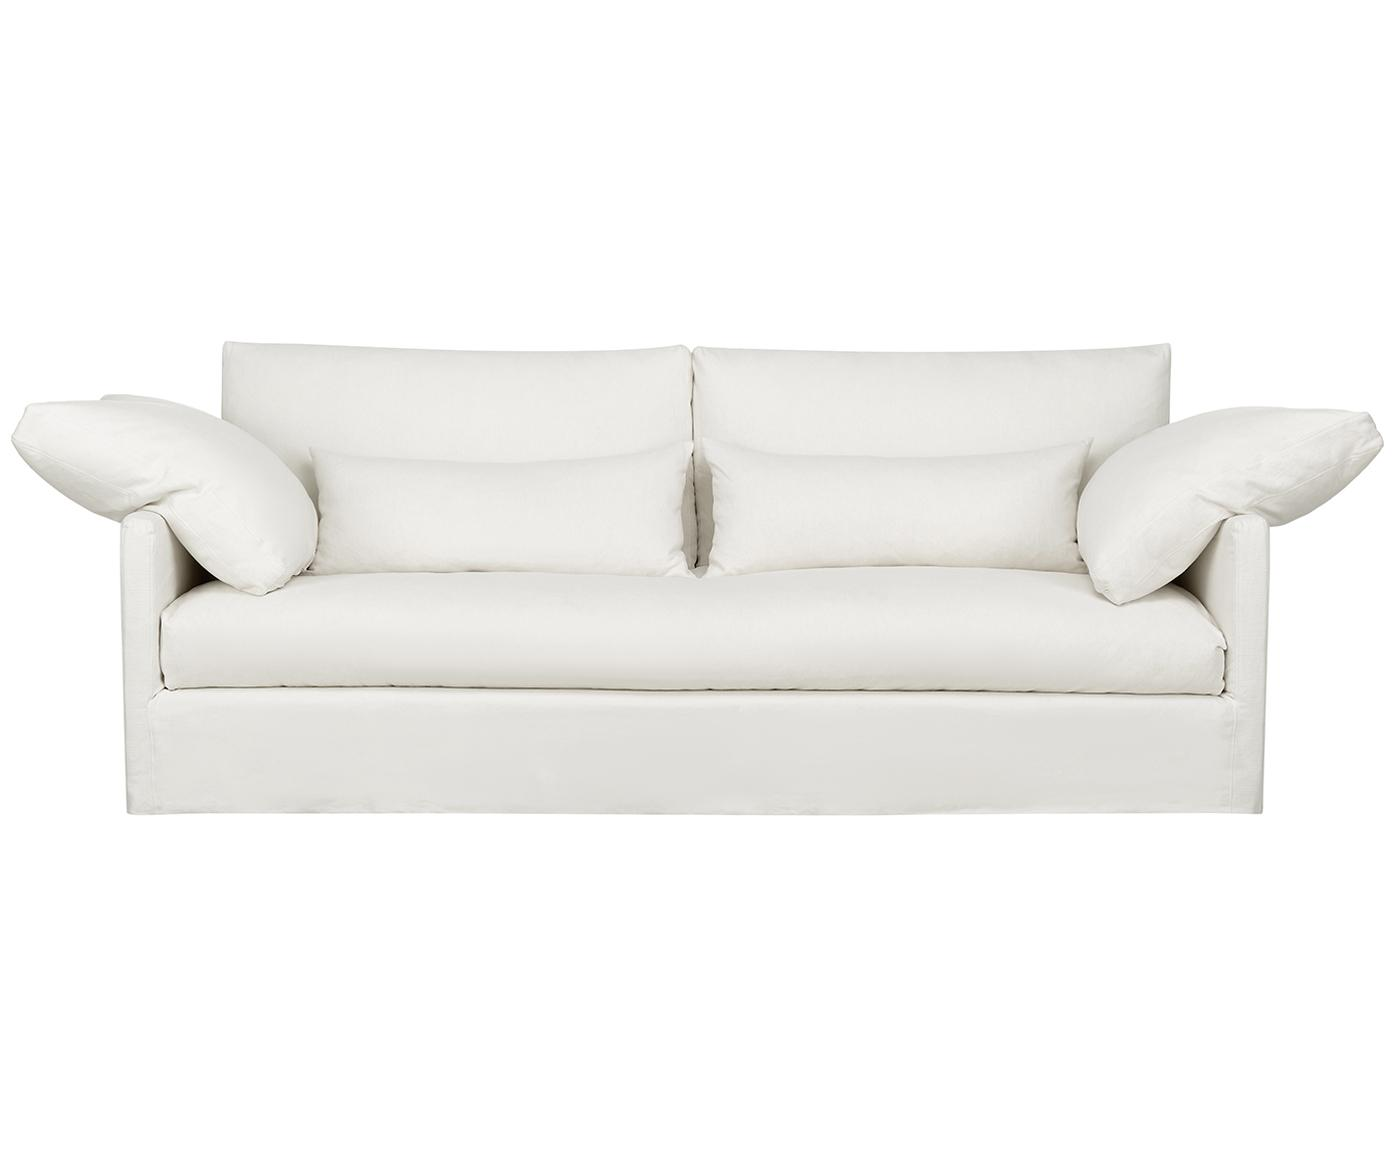 Hussen-Sofa Eva (3-Sitzer), Bezug: 62% Baumwolle, 20% Leinen, Gestell: Mitteldichte Holzfaserpla, Webstoff Elfenbeinfarben, B 250 x T 103 cm